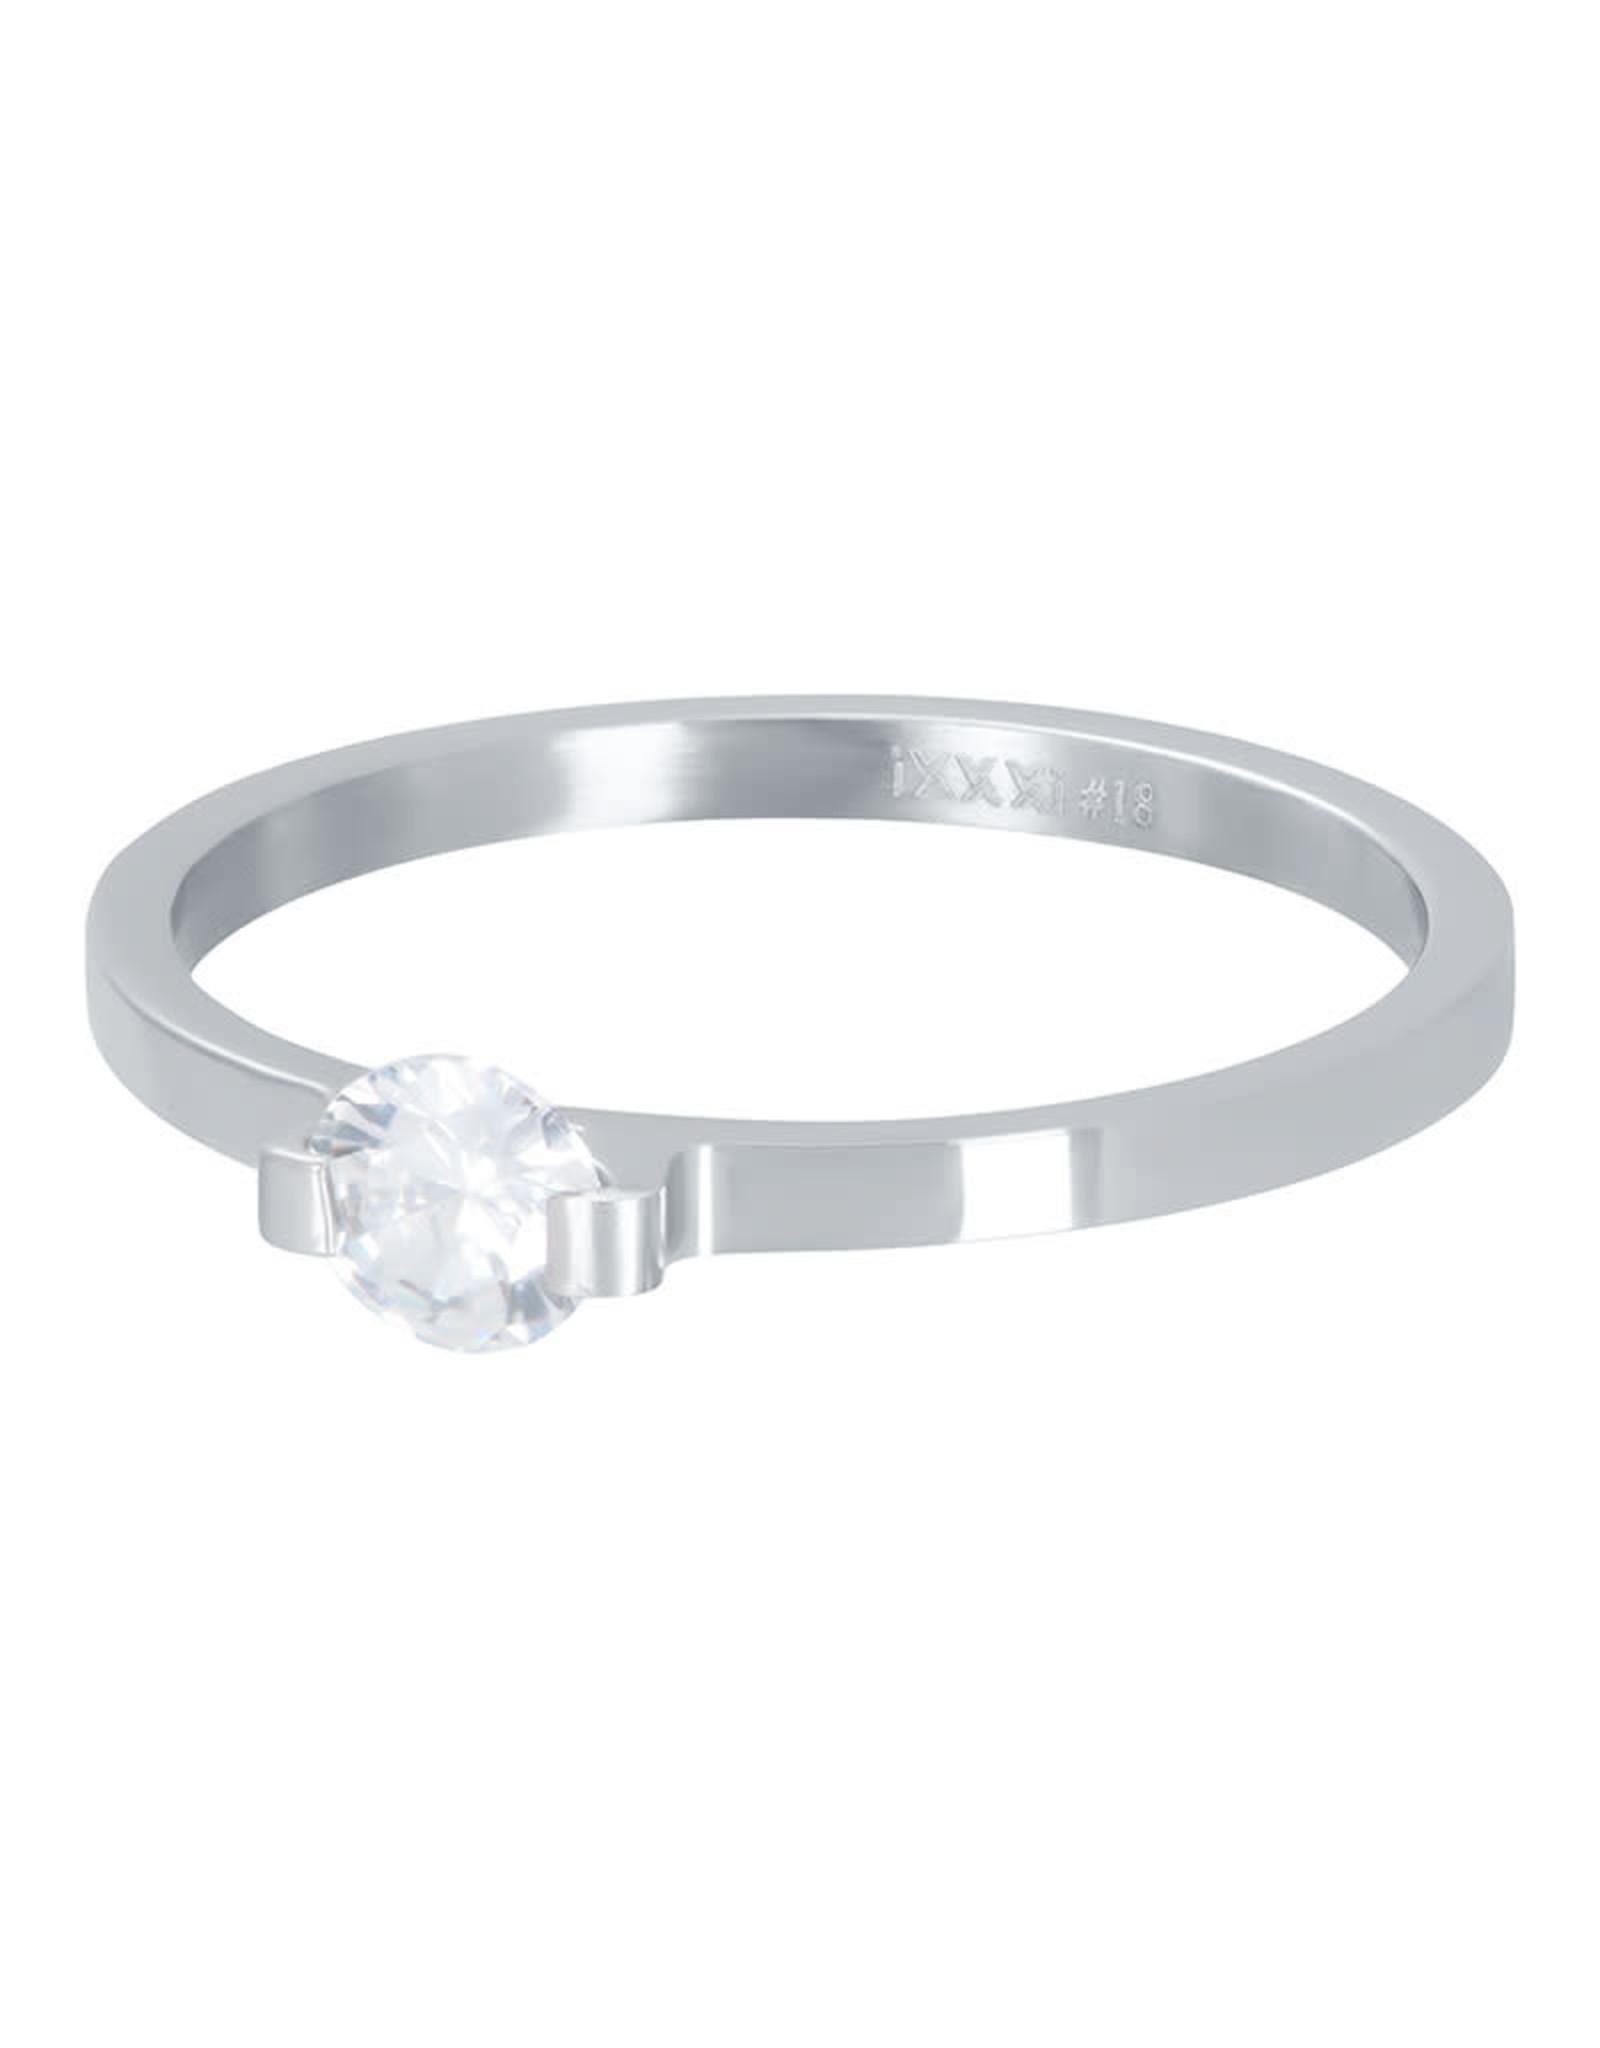 IXXXI IXXXI Mini Glamour Stone ring Silver